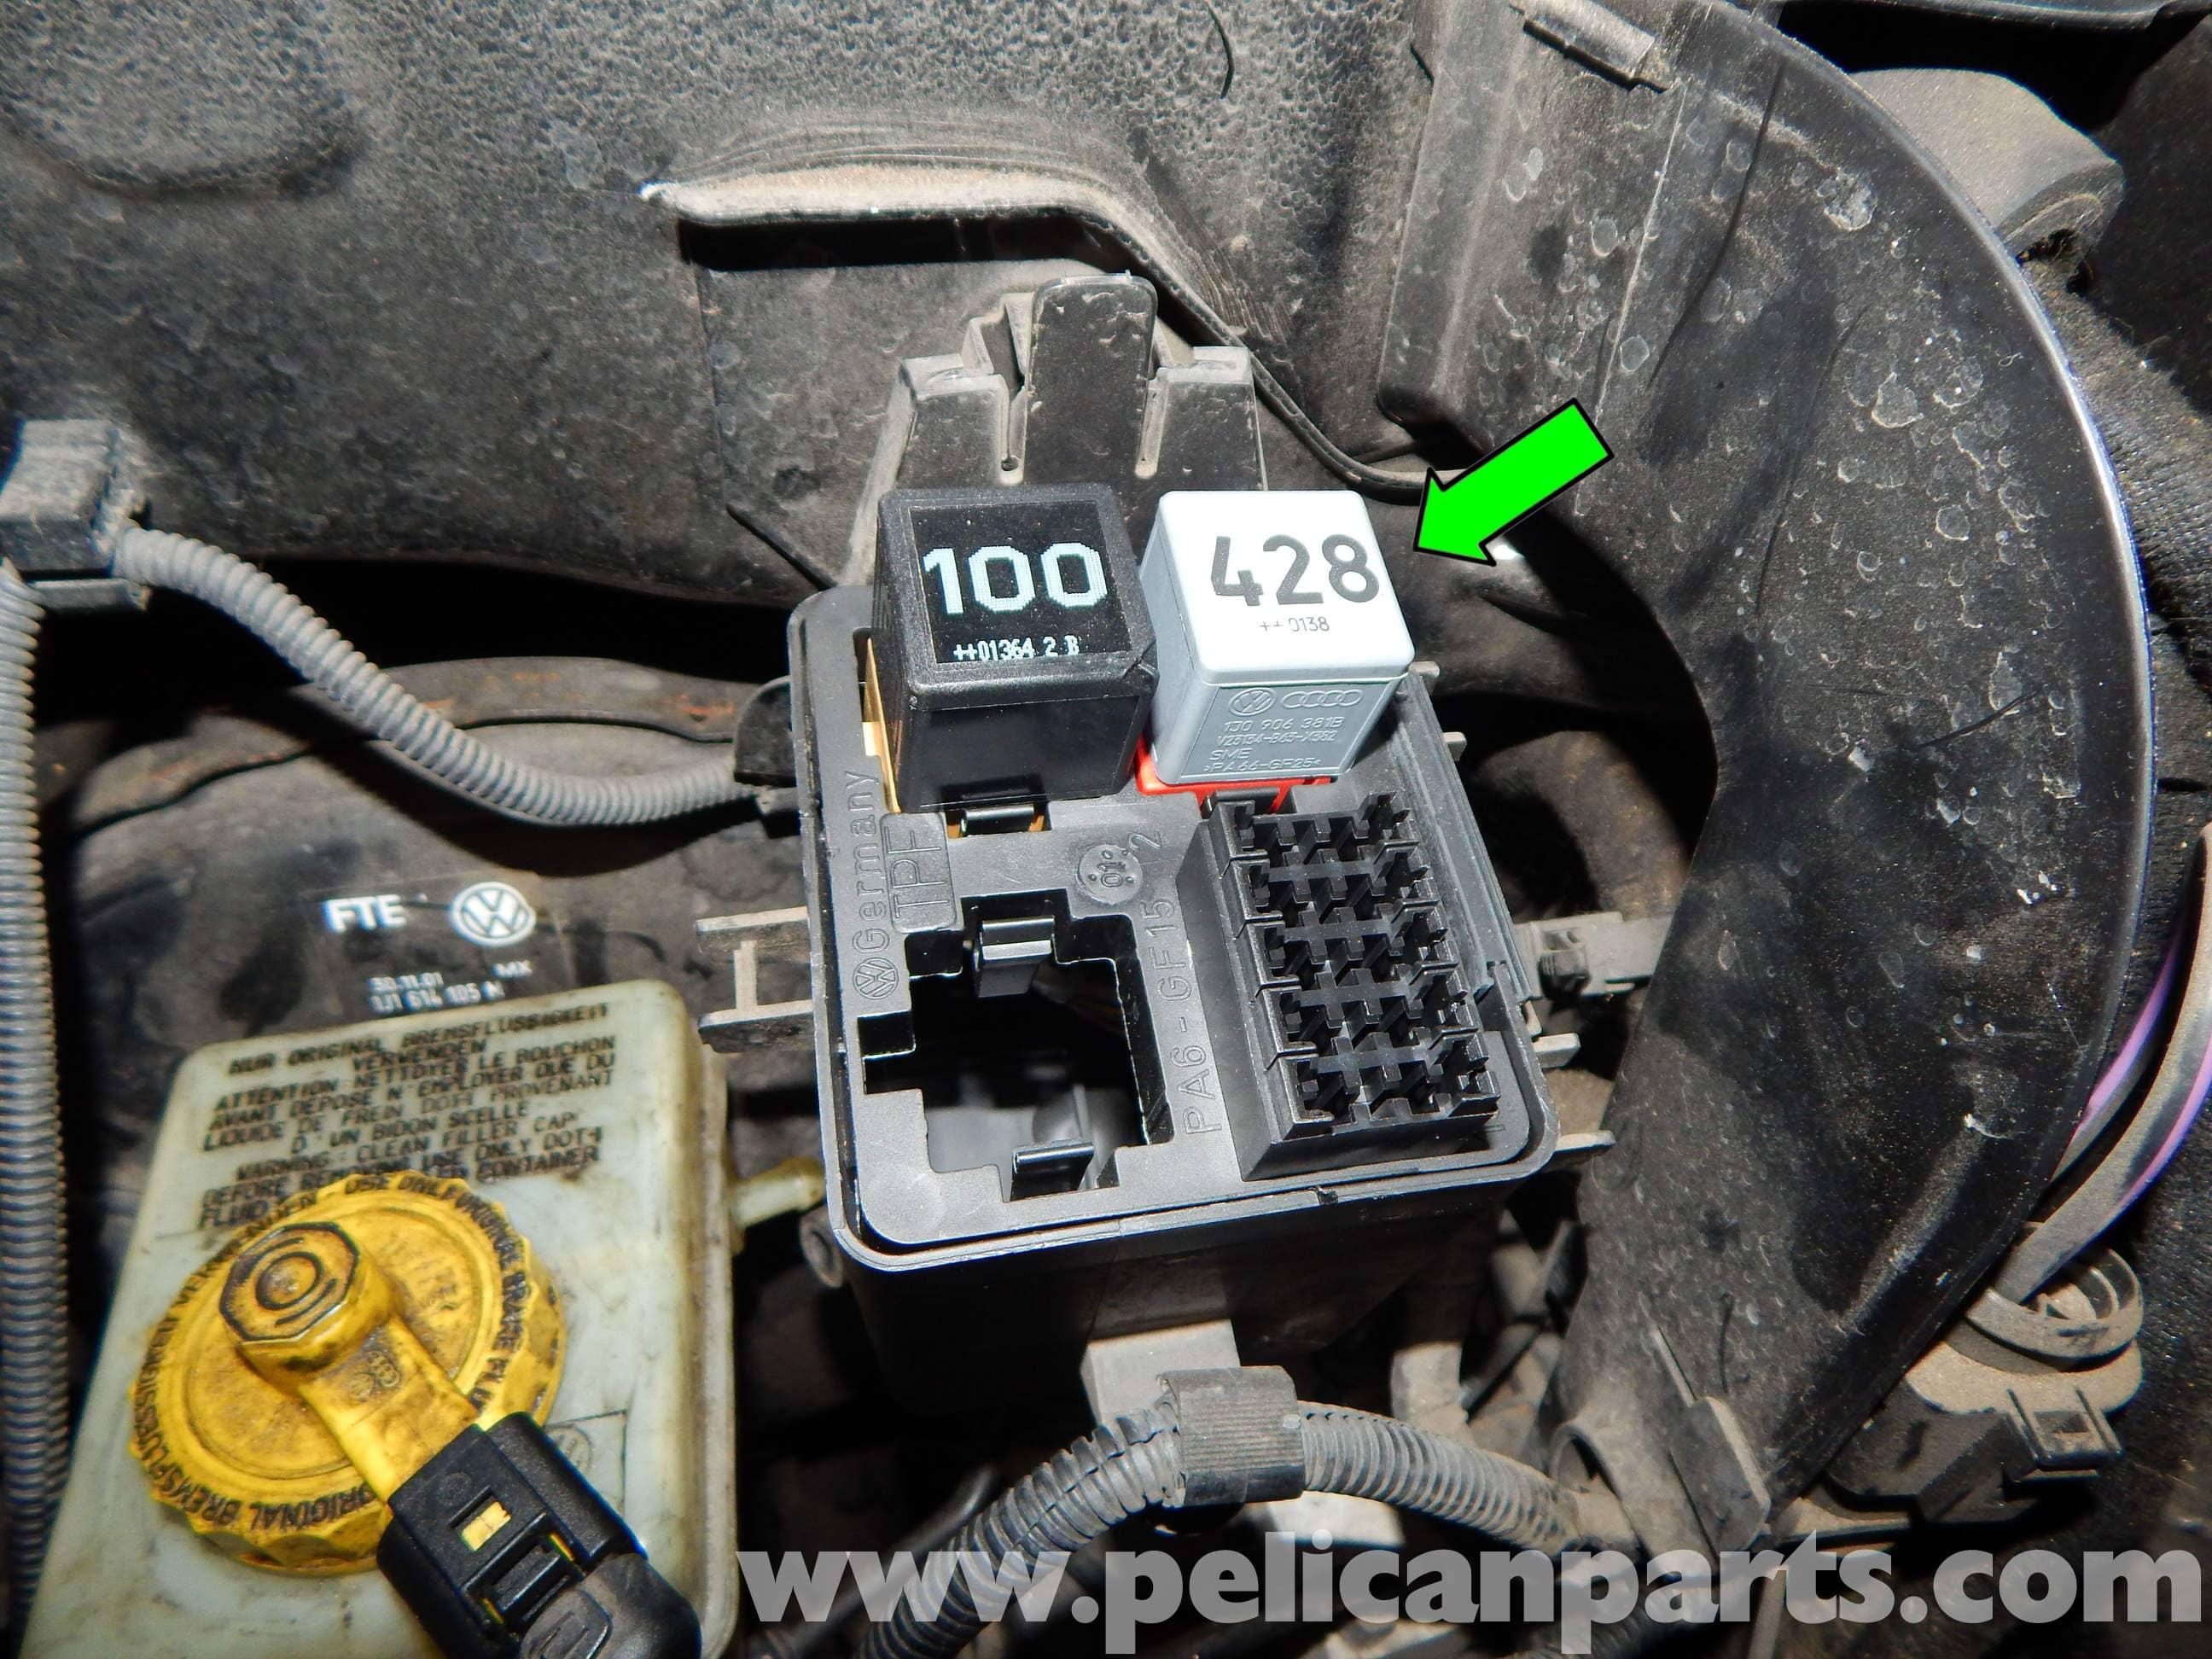 Volkswagen Jetta Mk4 Main Relay Replacement | Jetta Mk4 2.0L (1998-2005) | Pelican Parts DIY ...